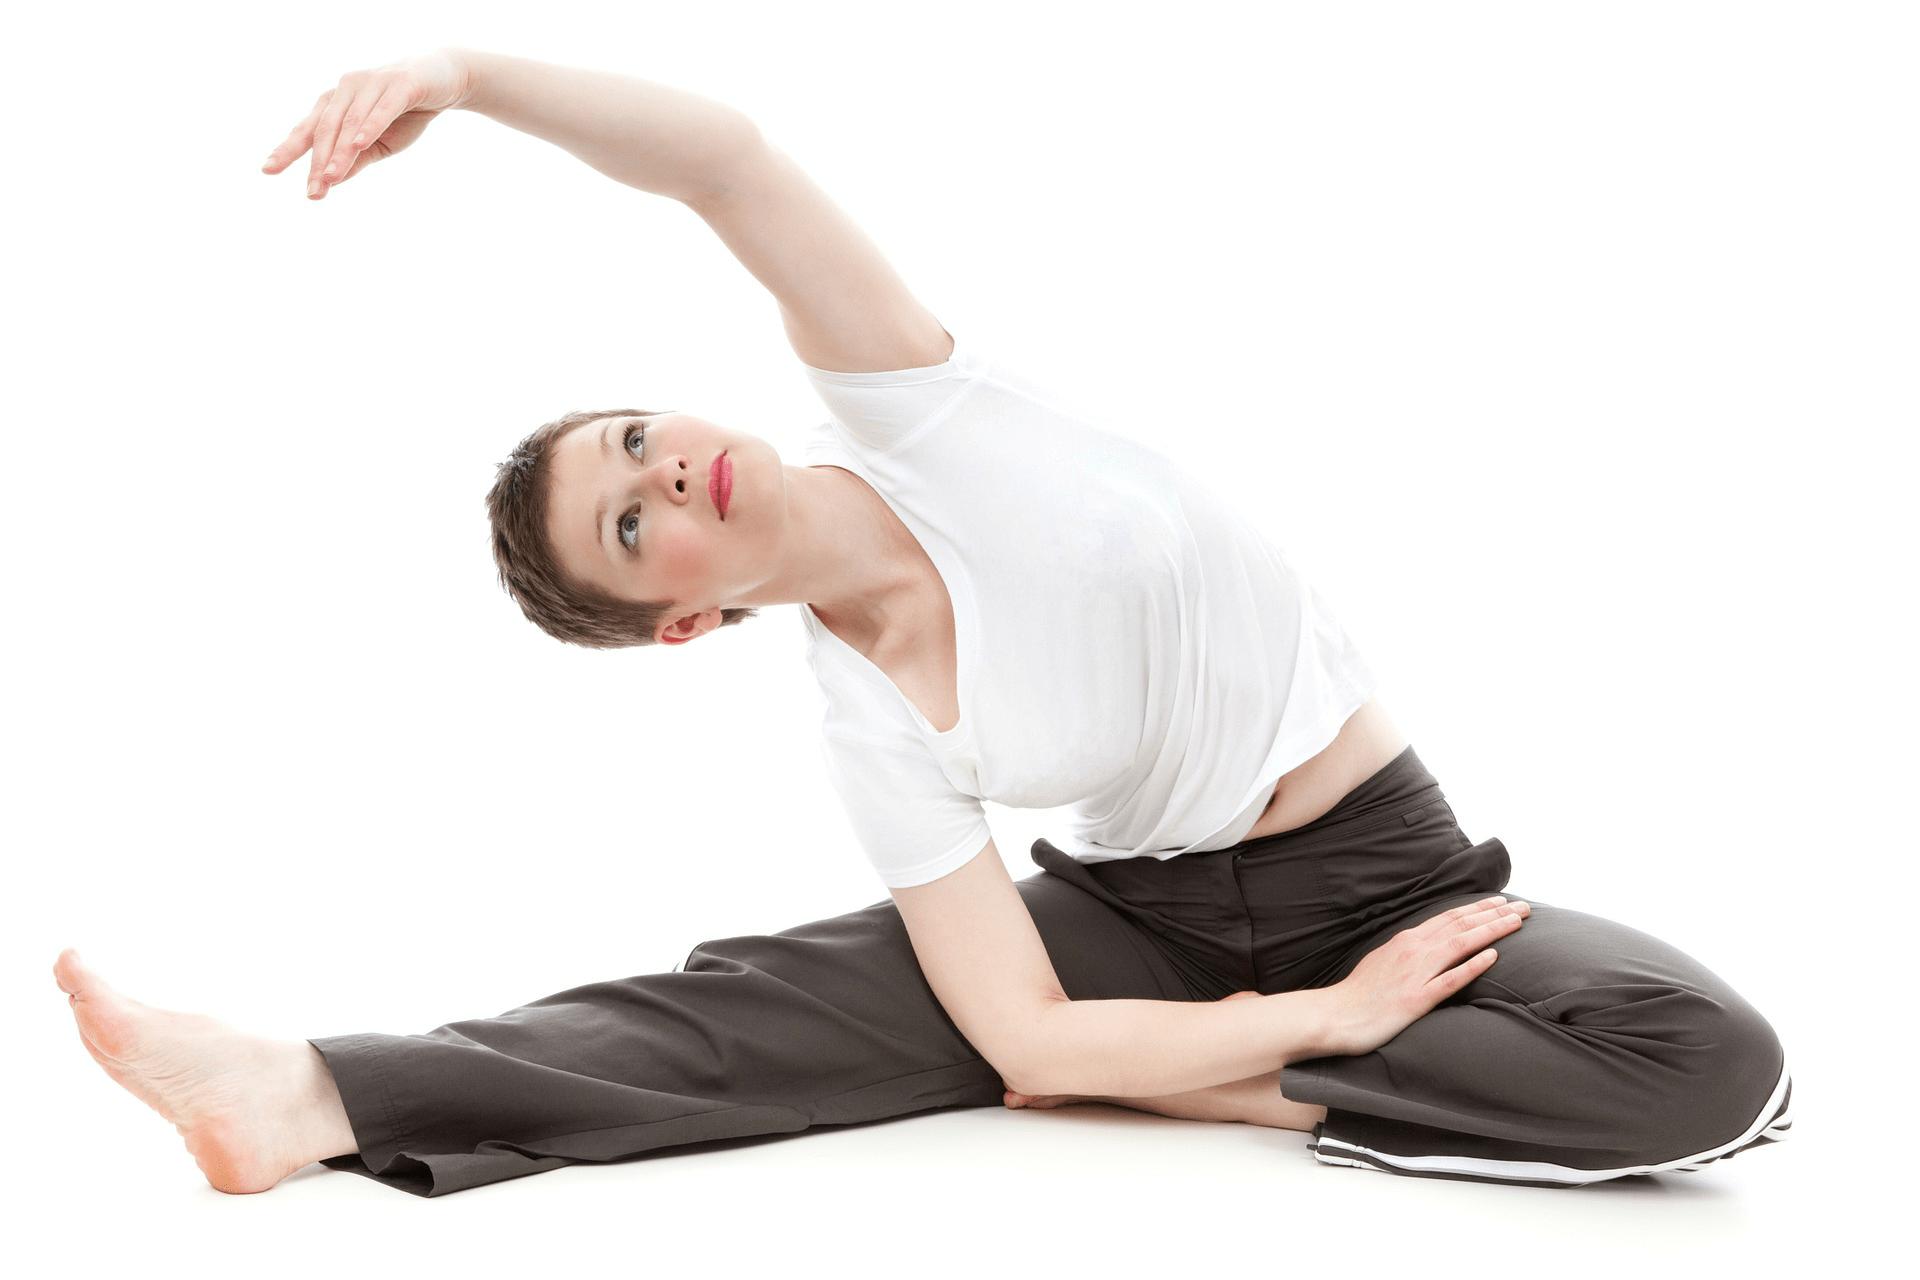 El yoga es una buena opción para la fibromialgia